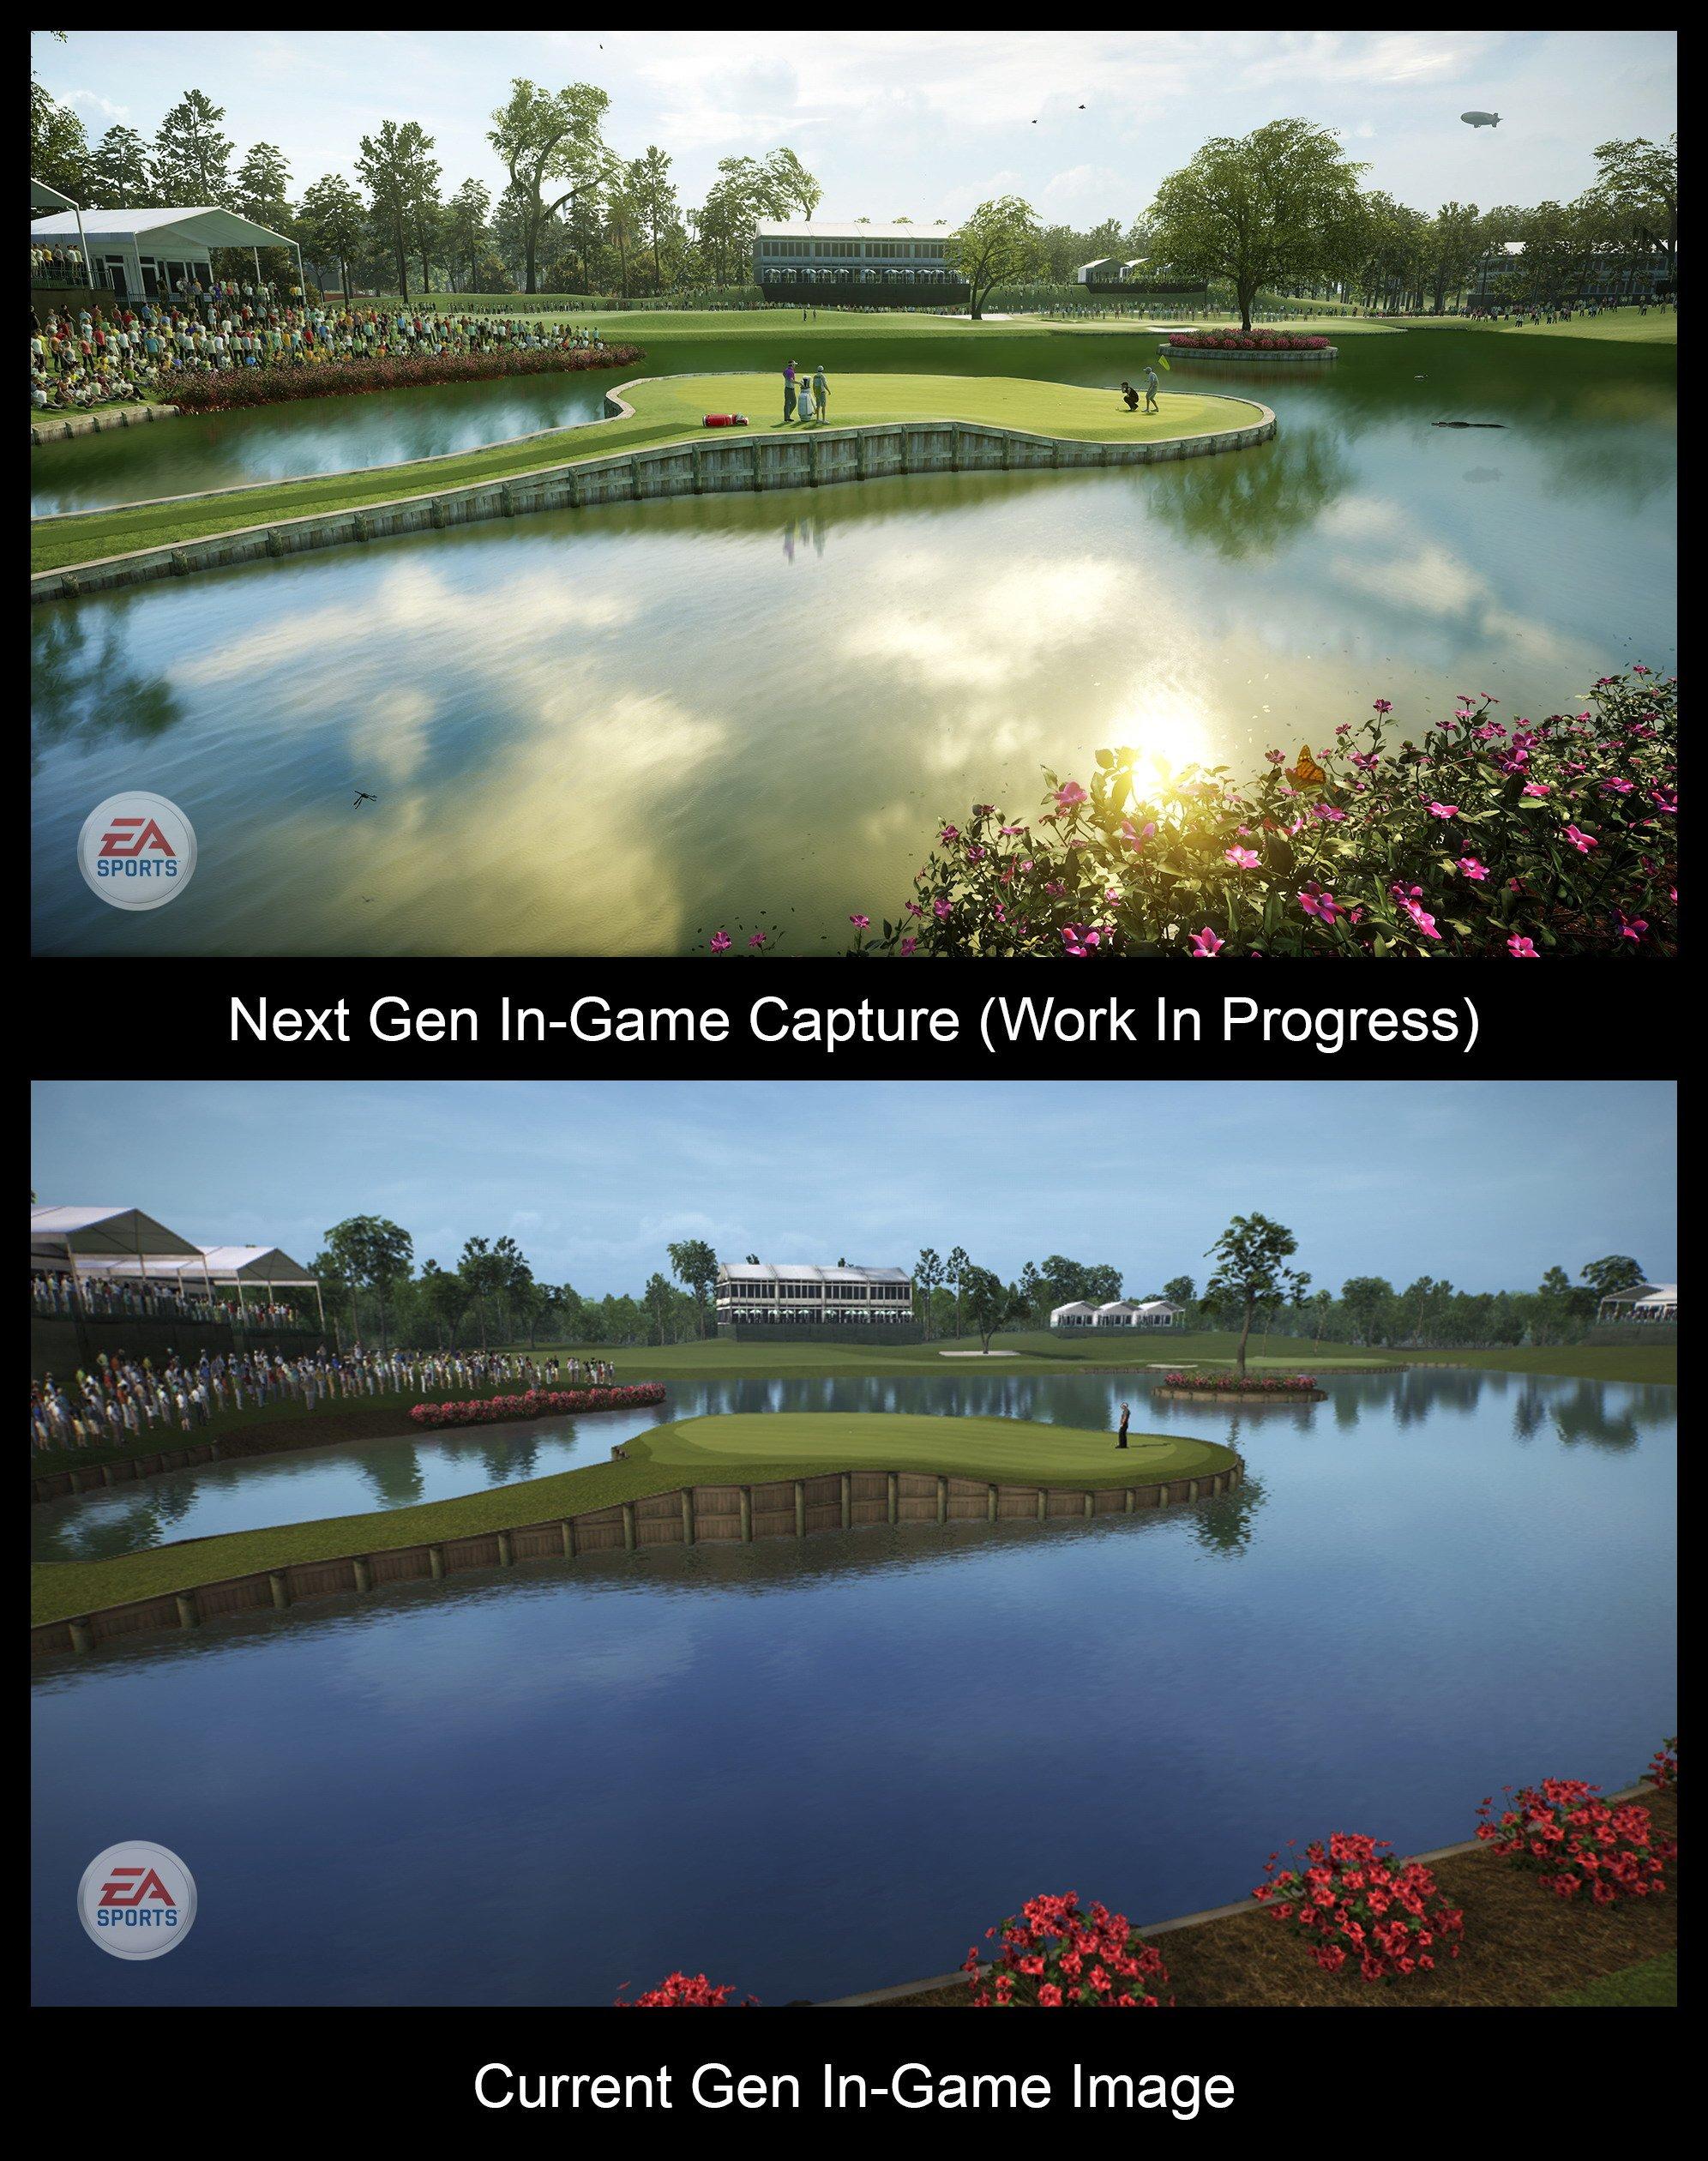 Тайгер Вудс и EA Sports завершили сотрудничество. - Изображение 1